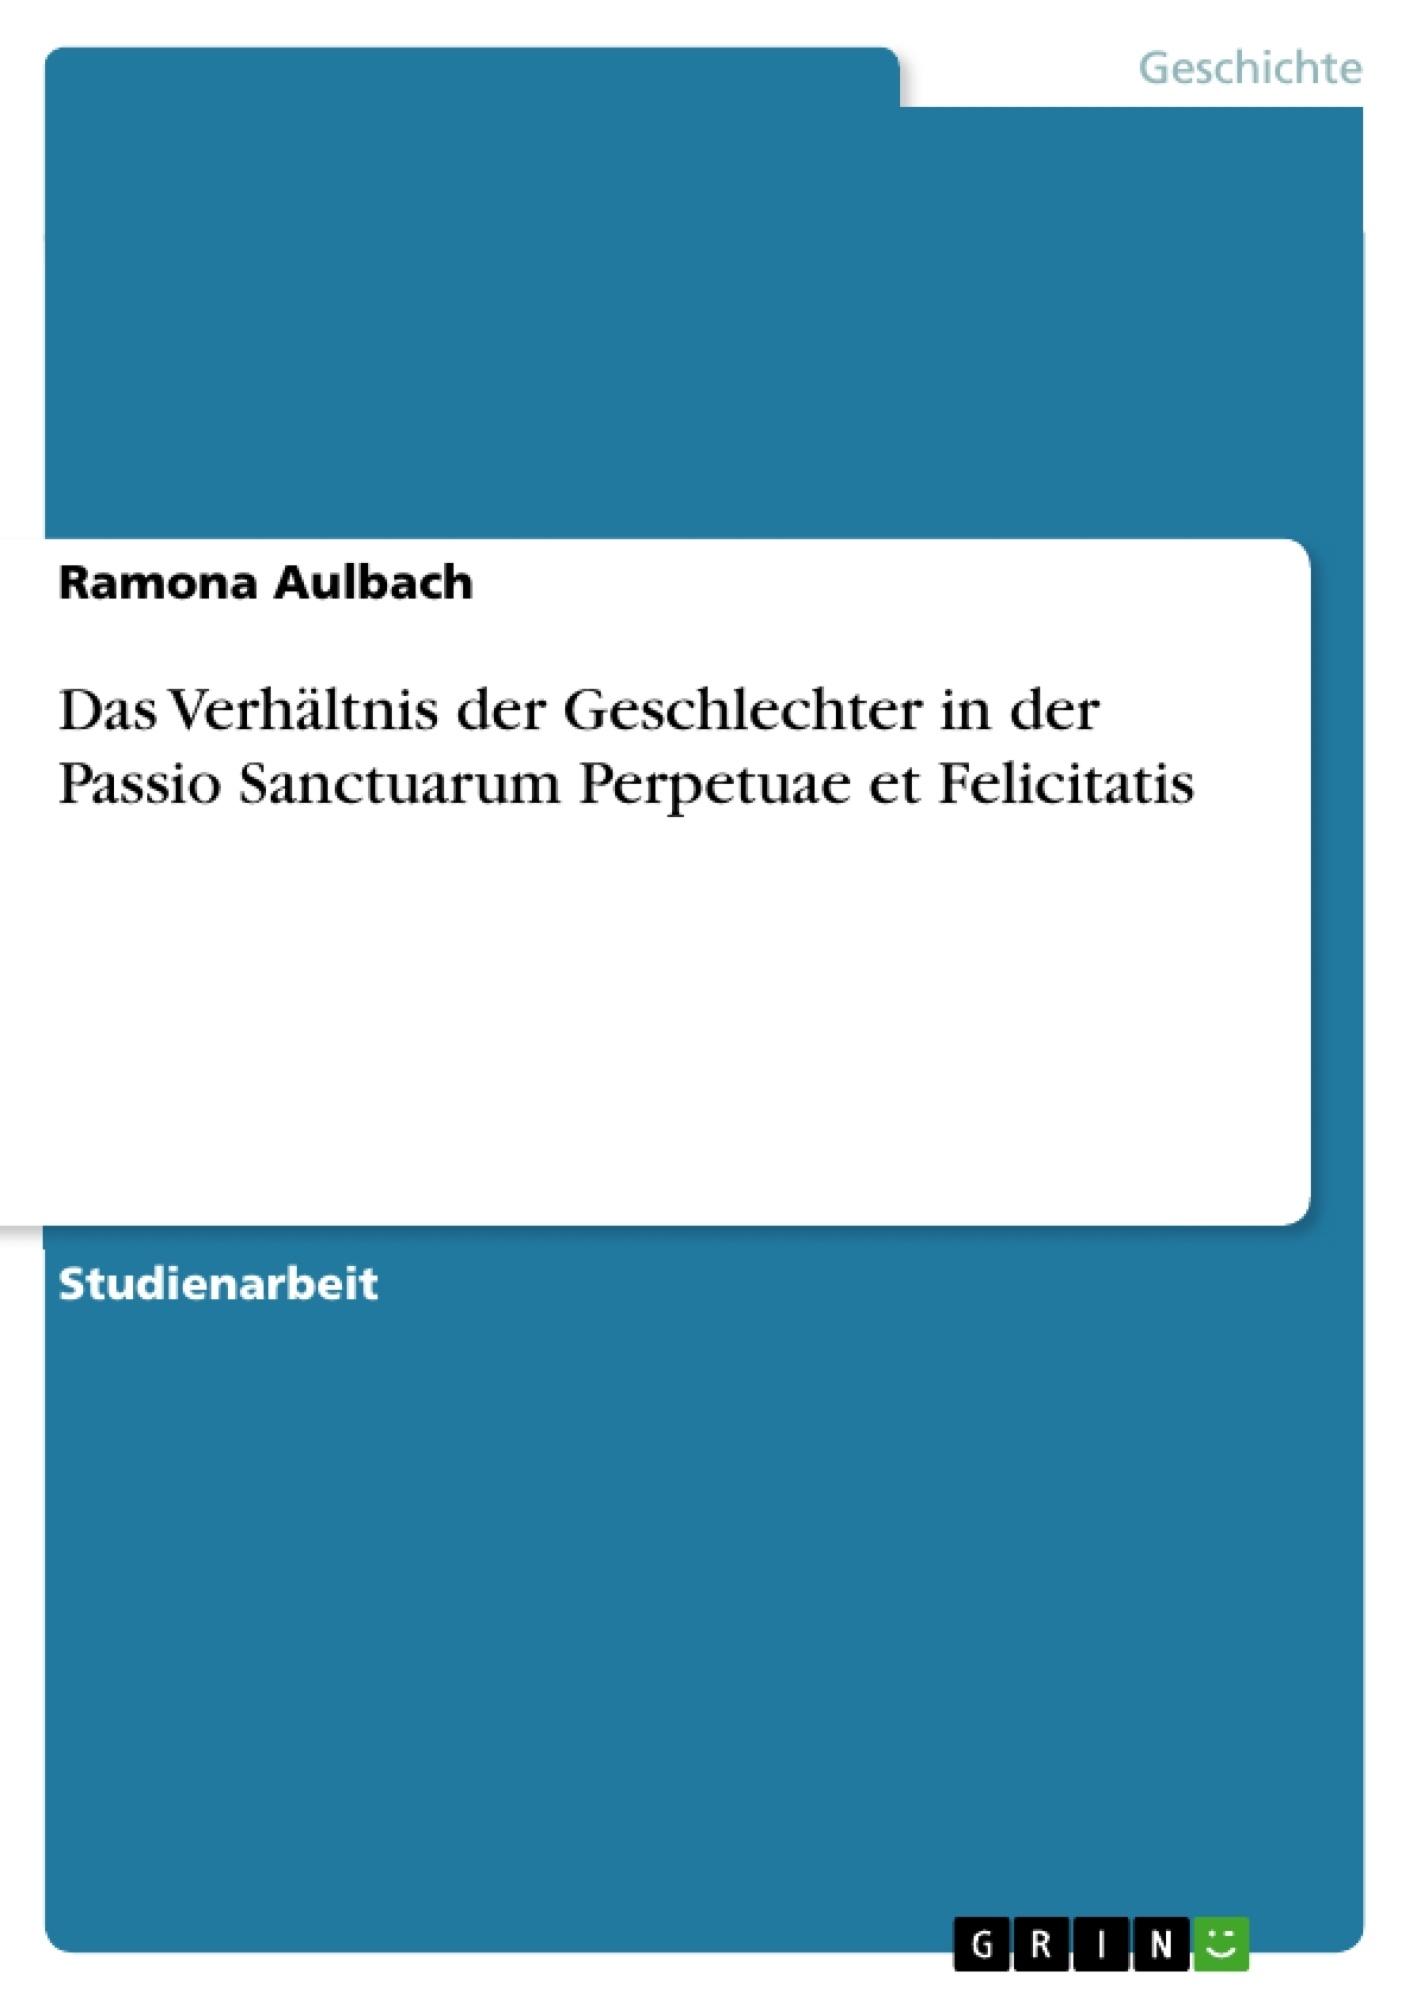 Titel: Das Verhältnis der Geschlechter in der Passio Sanctuarum Perpetuae et Felicitatis